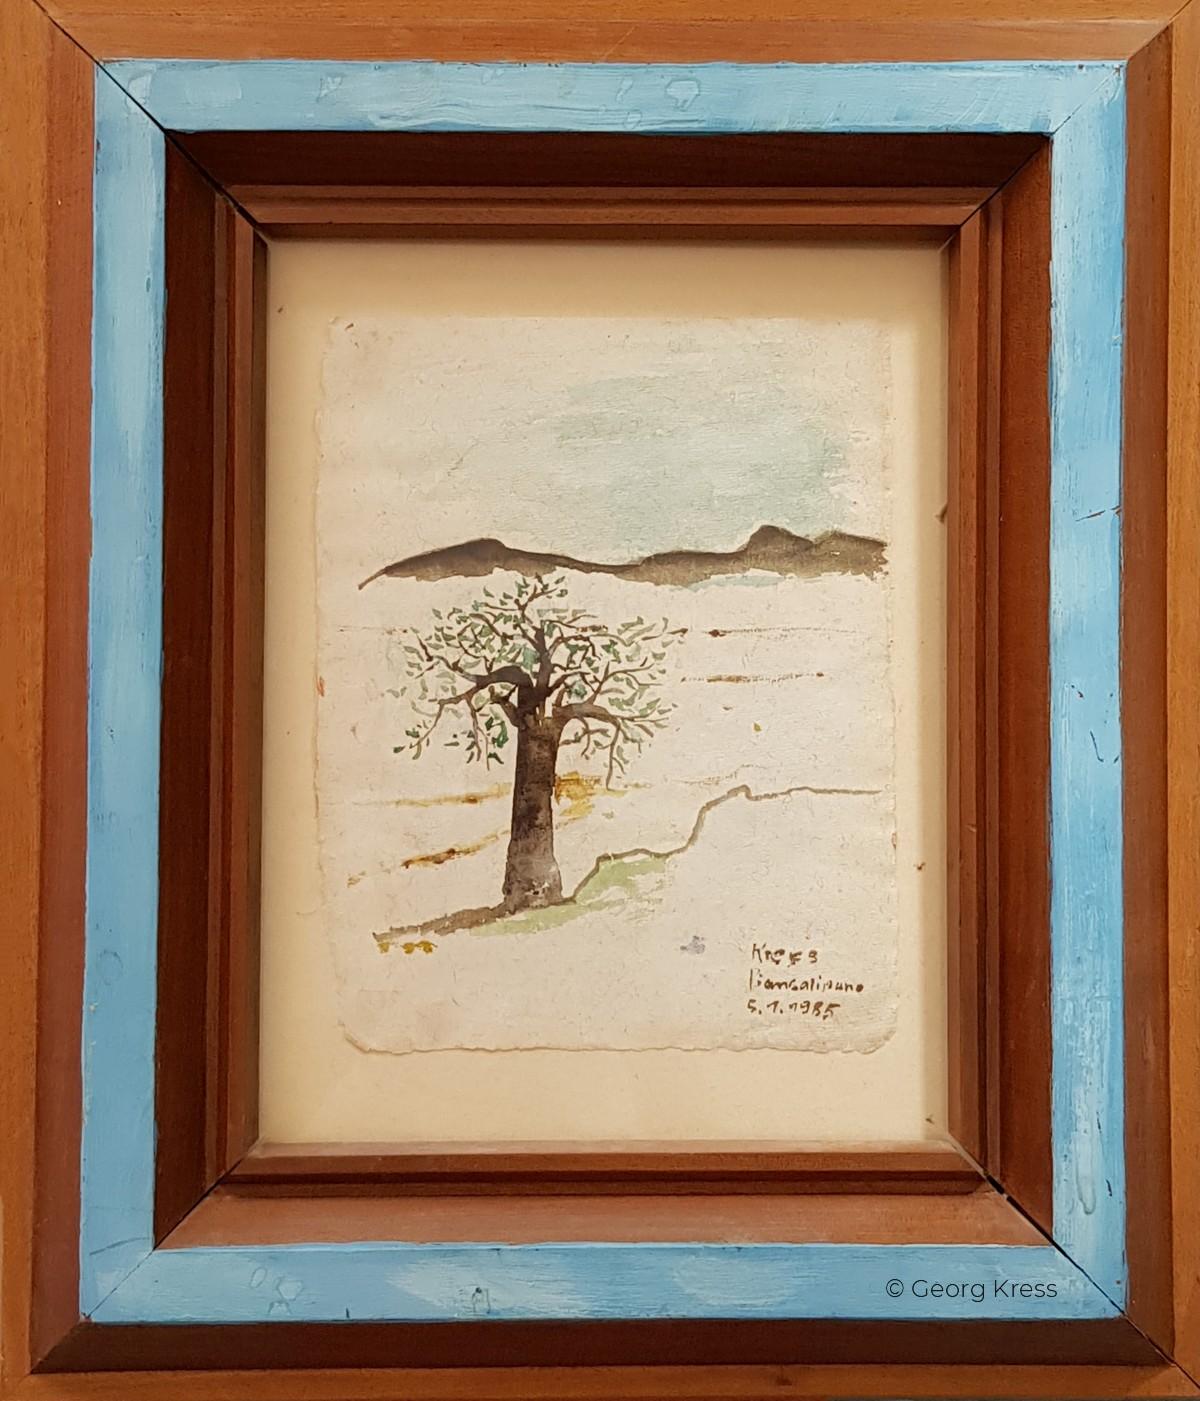 Das Valdarno im Nebel. 1985. Aquarell, Dispersion auf Japanpapier, Seide, Holz.